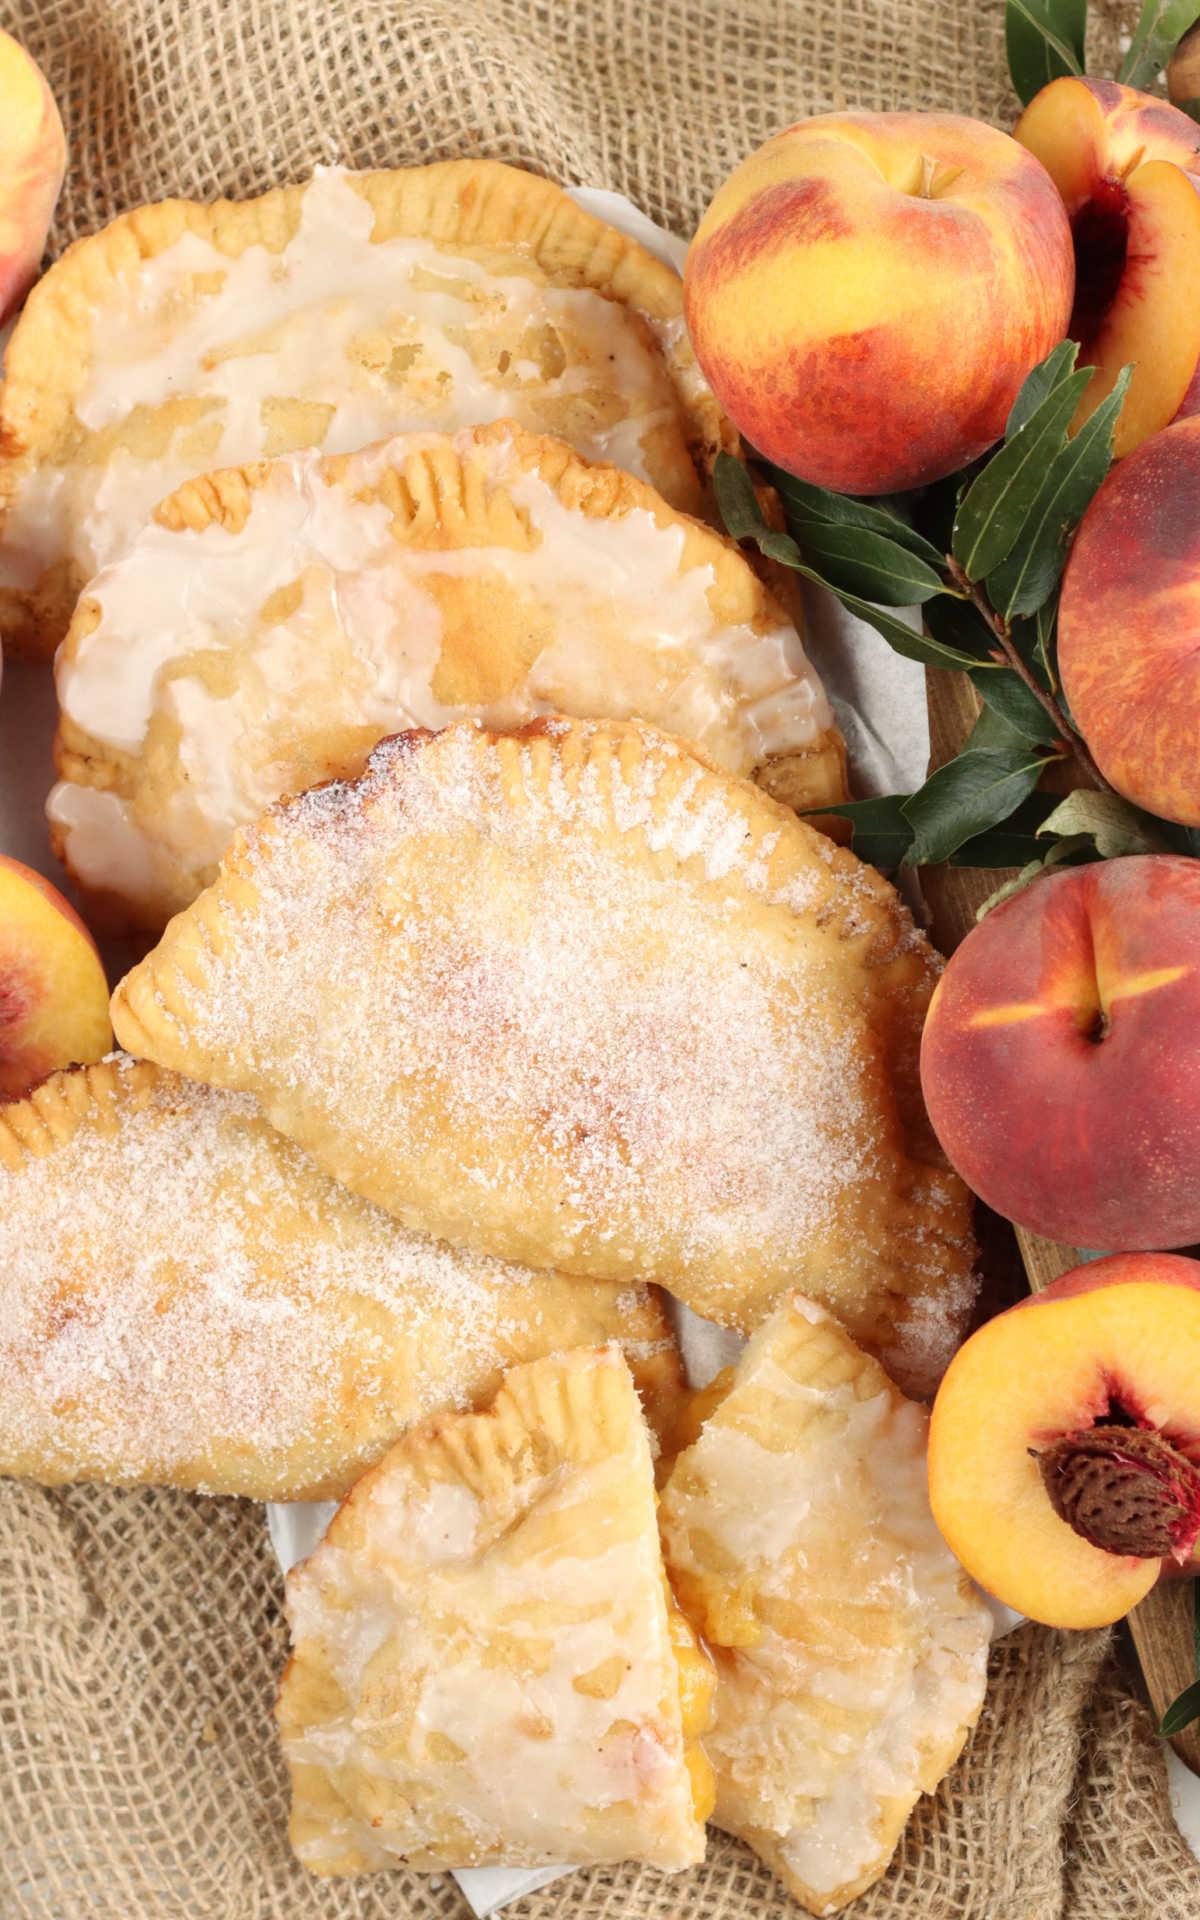 Peach hand pies on burlap, one cut in half, fresh peach halves.